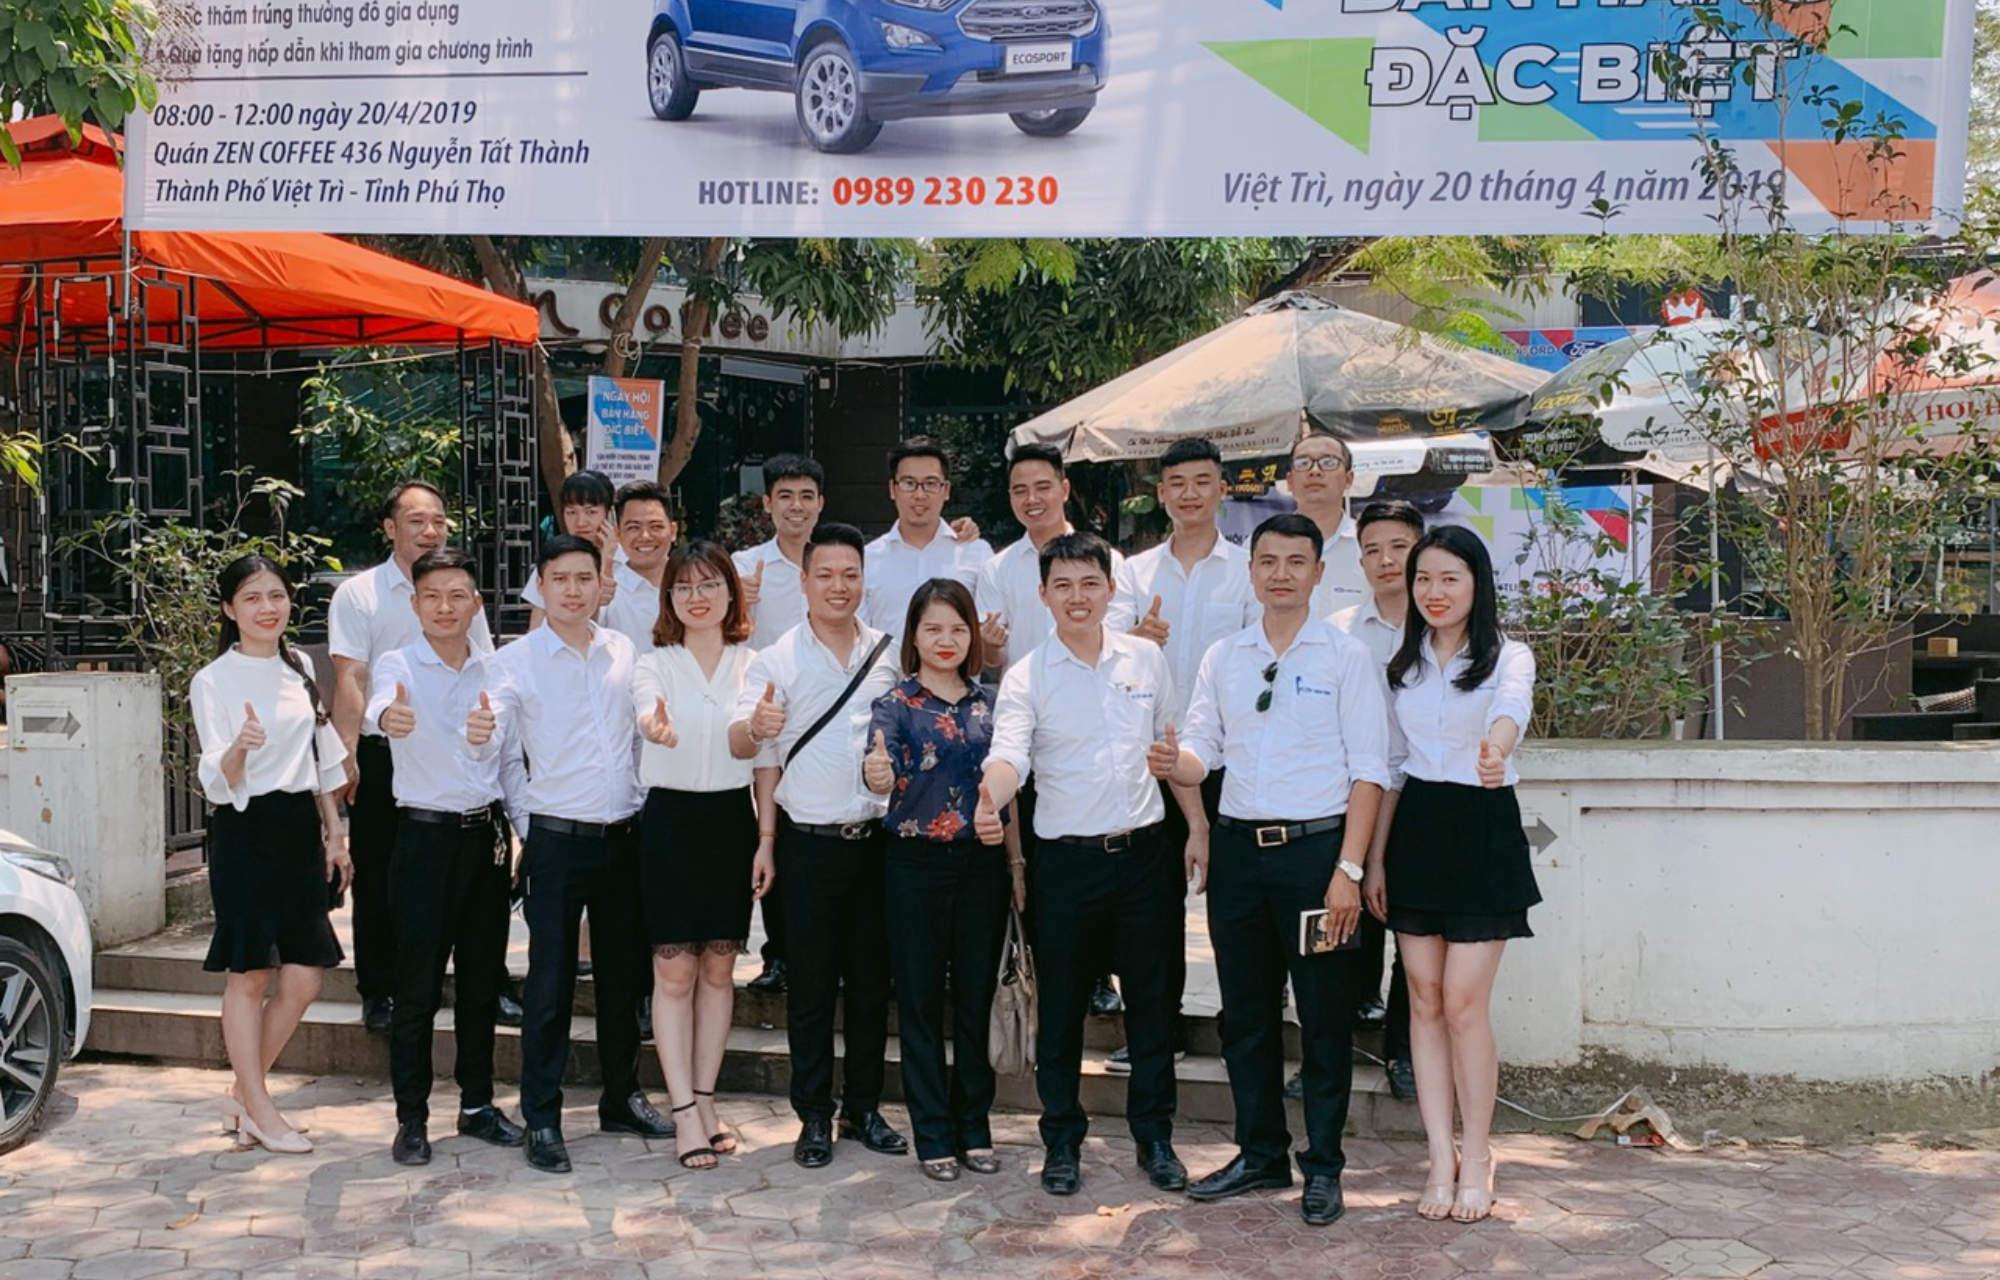 Ngay hoi Ban hang tai Phu Tho cua An Do Ford